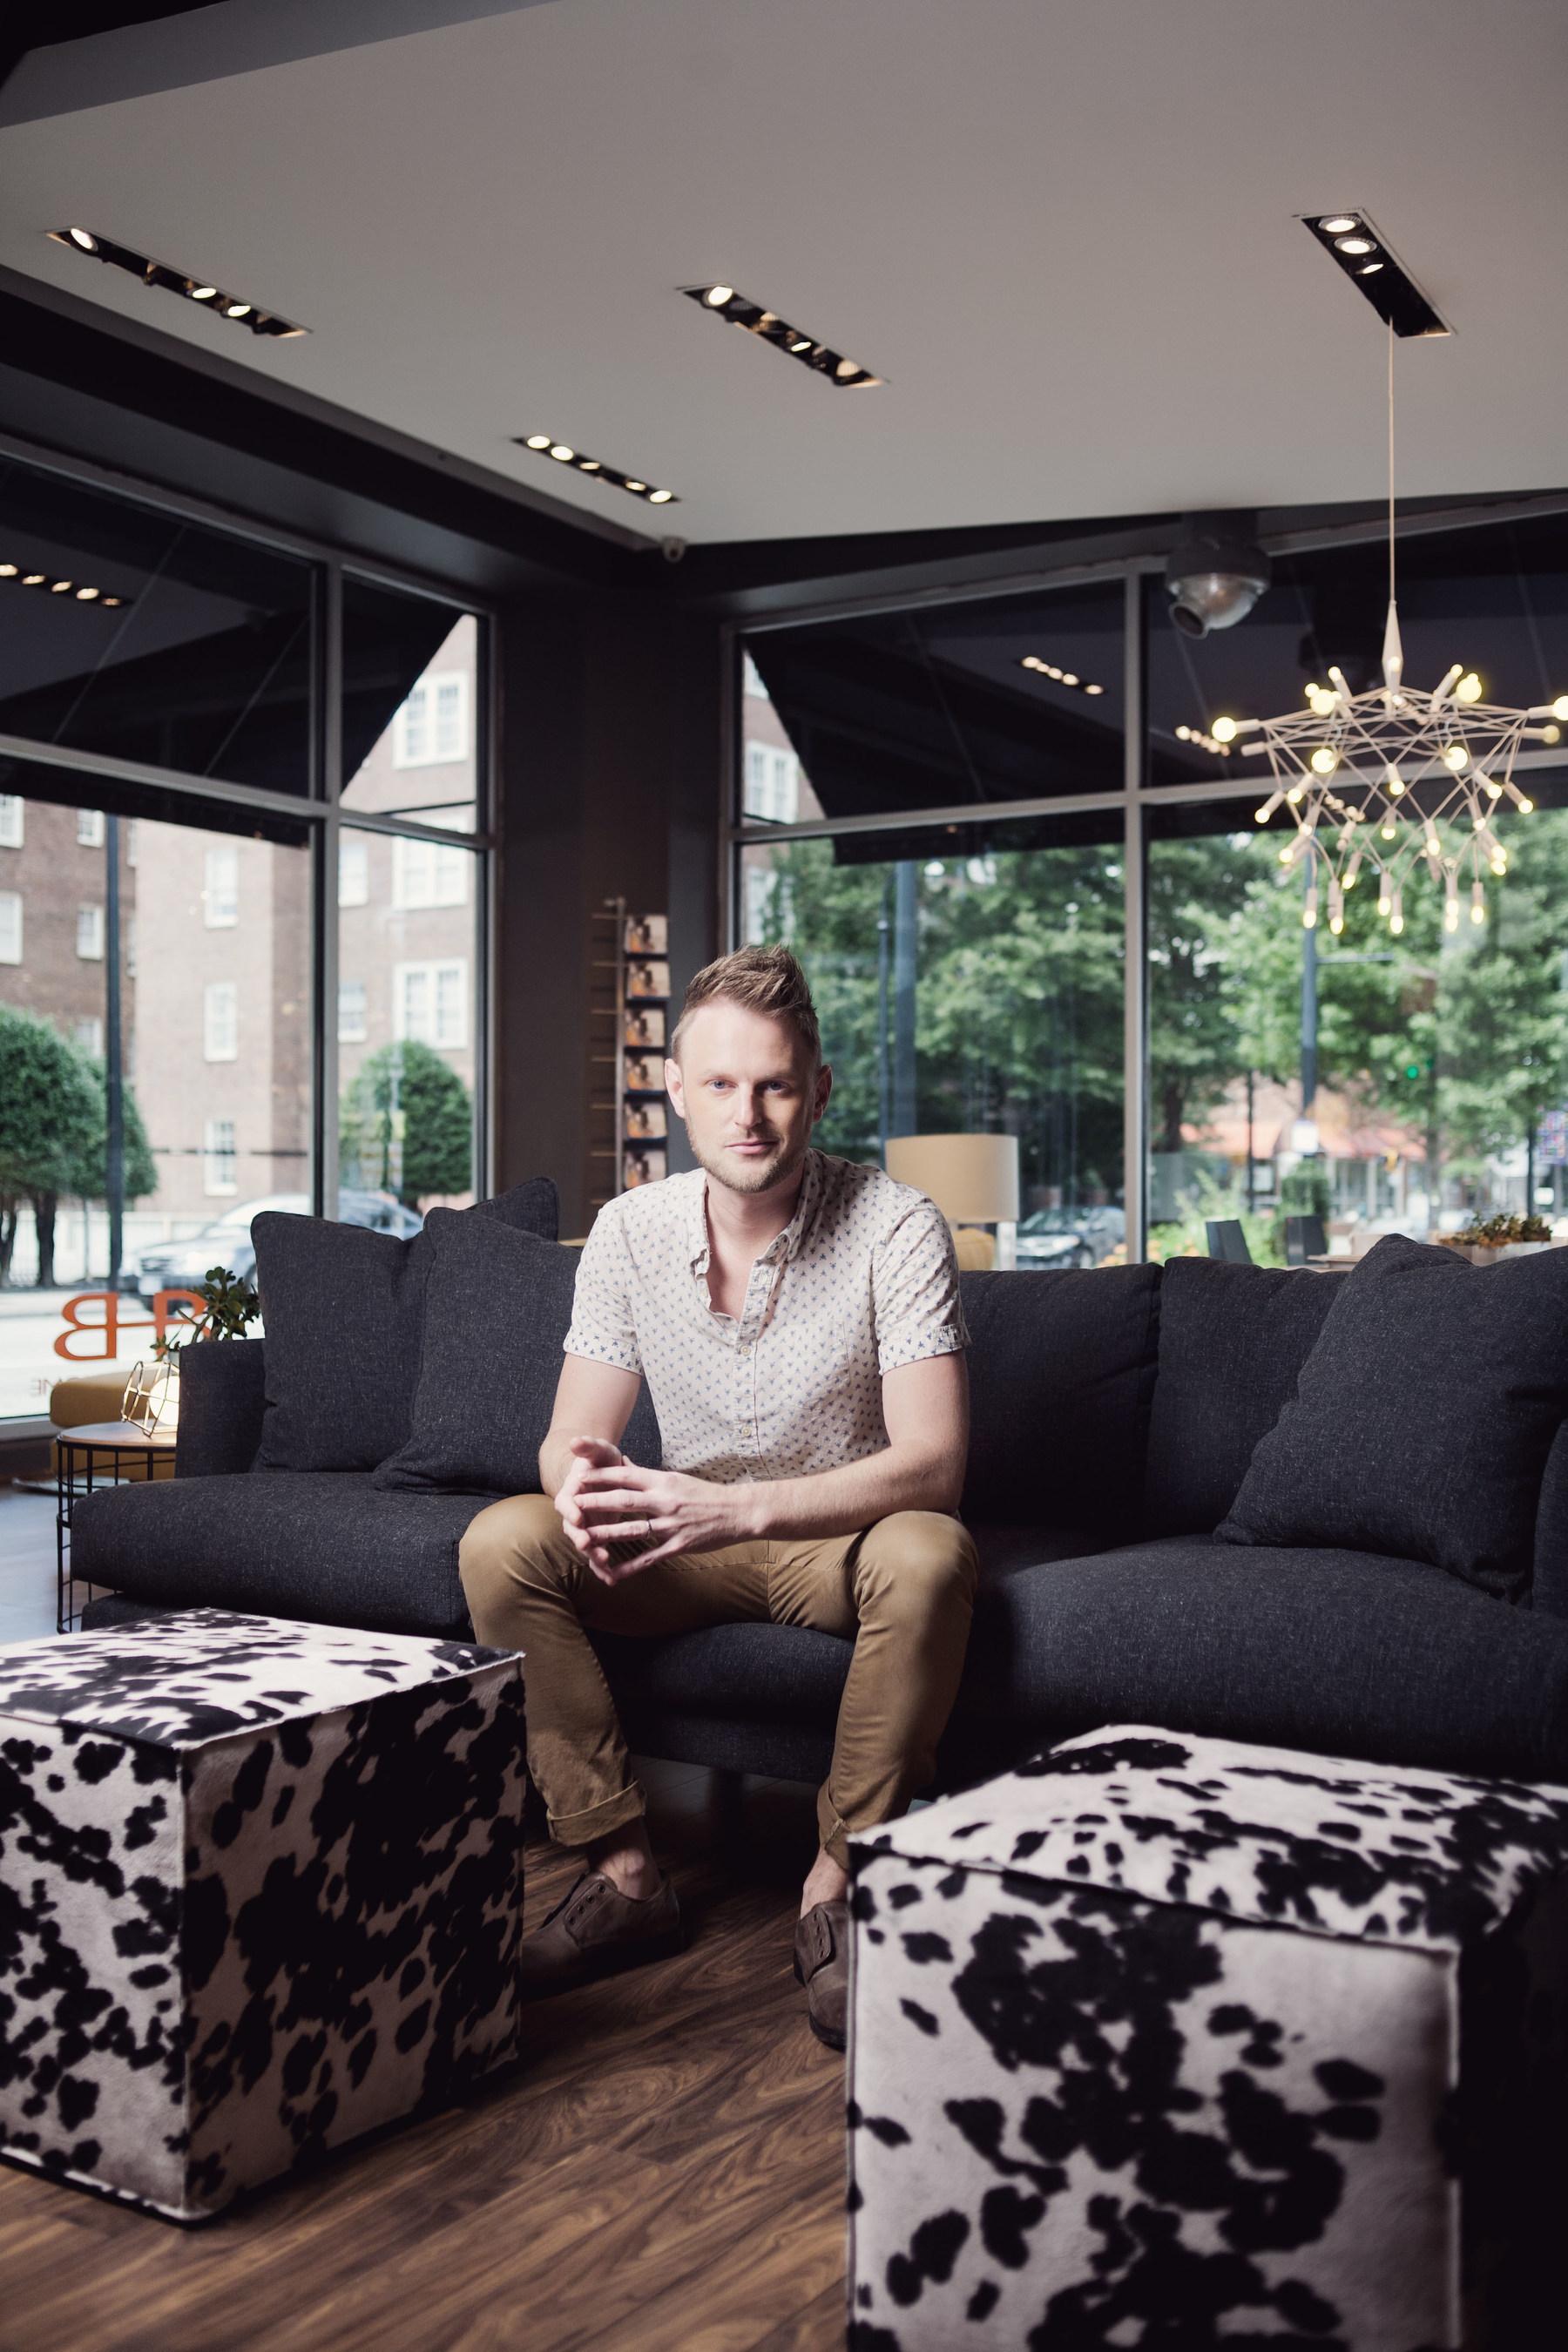 Celebrity Millennial designer Bobby Berk